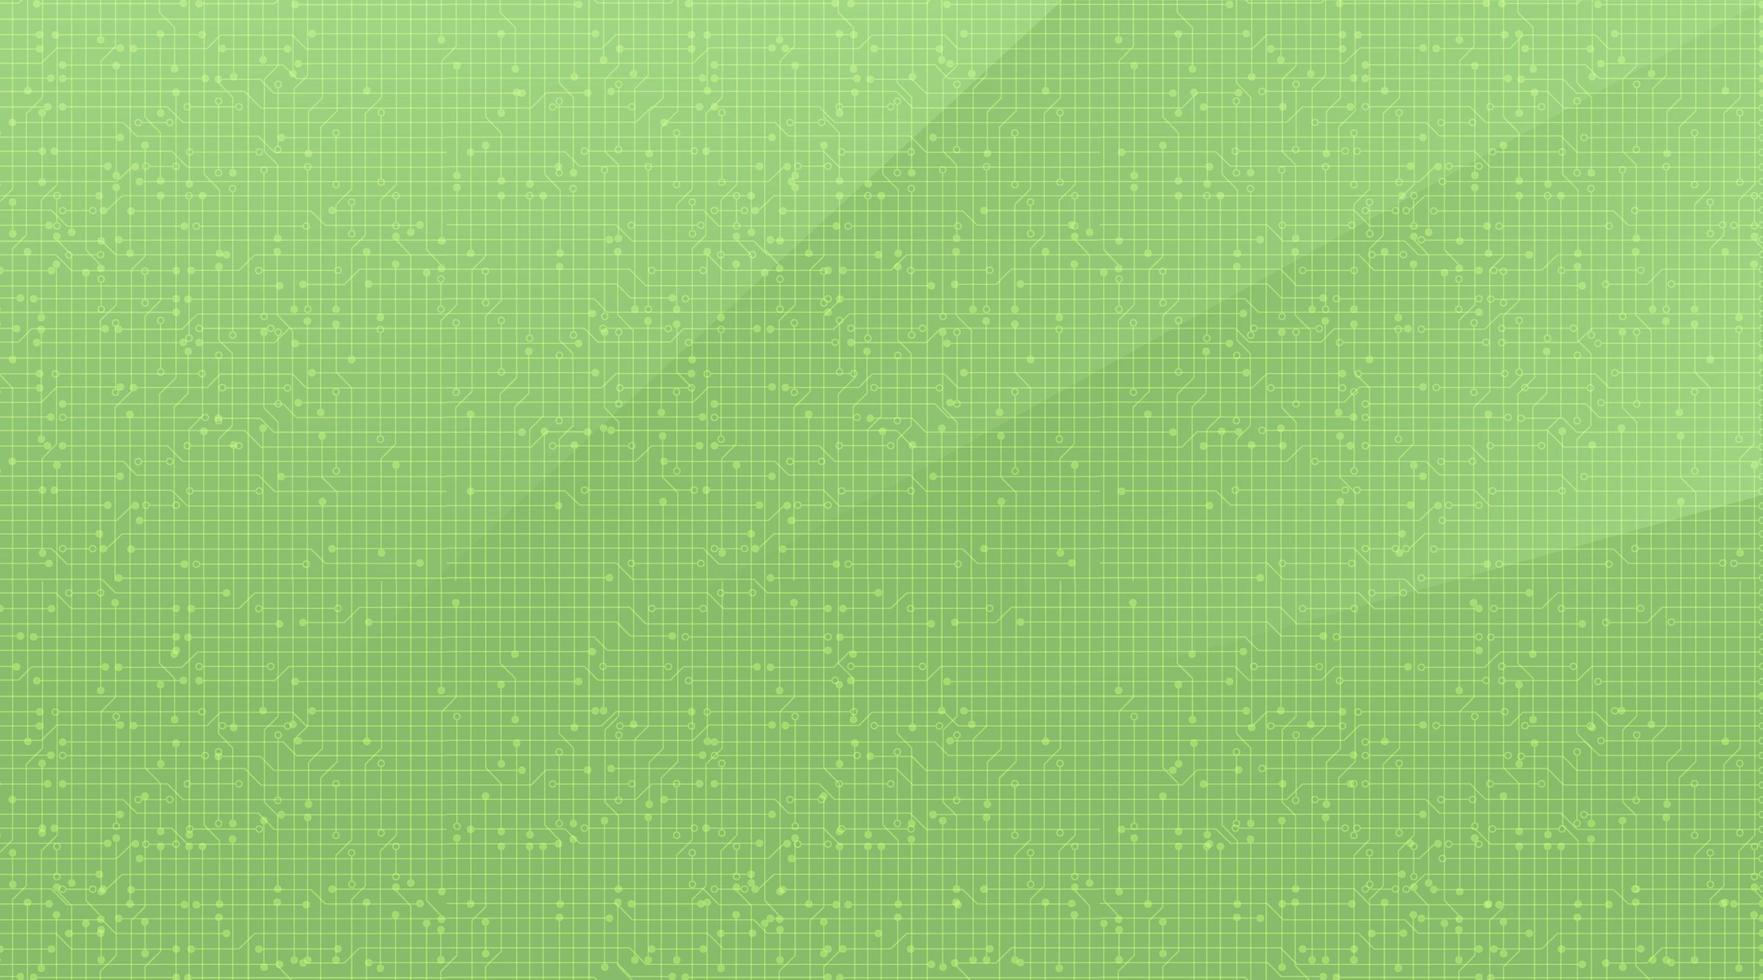 tecnologia del microchip del circuito verde morbido su sfondo futuro, concetto digitale e di comunicazione hi-tech vettore